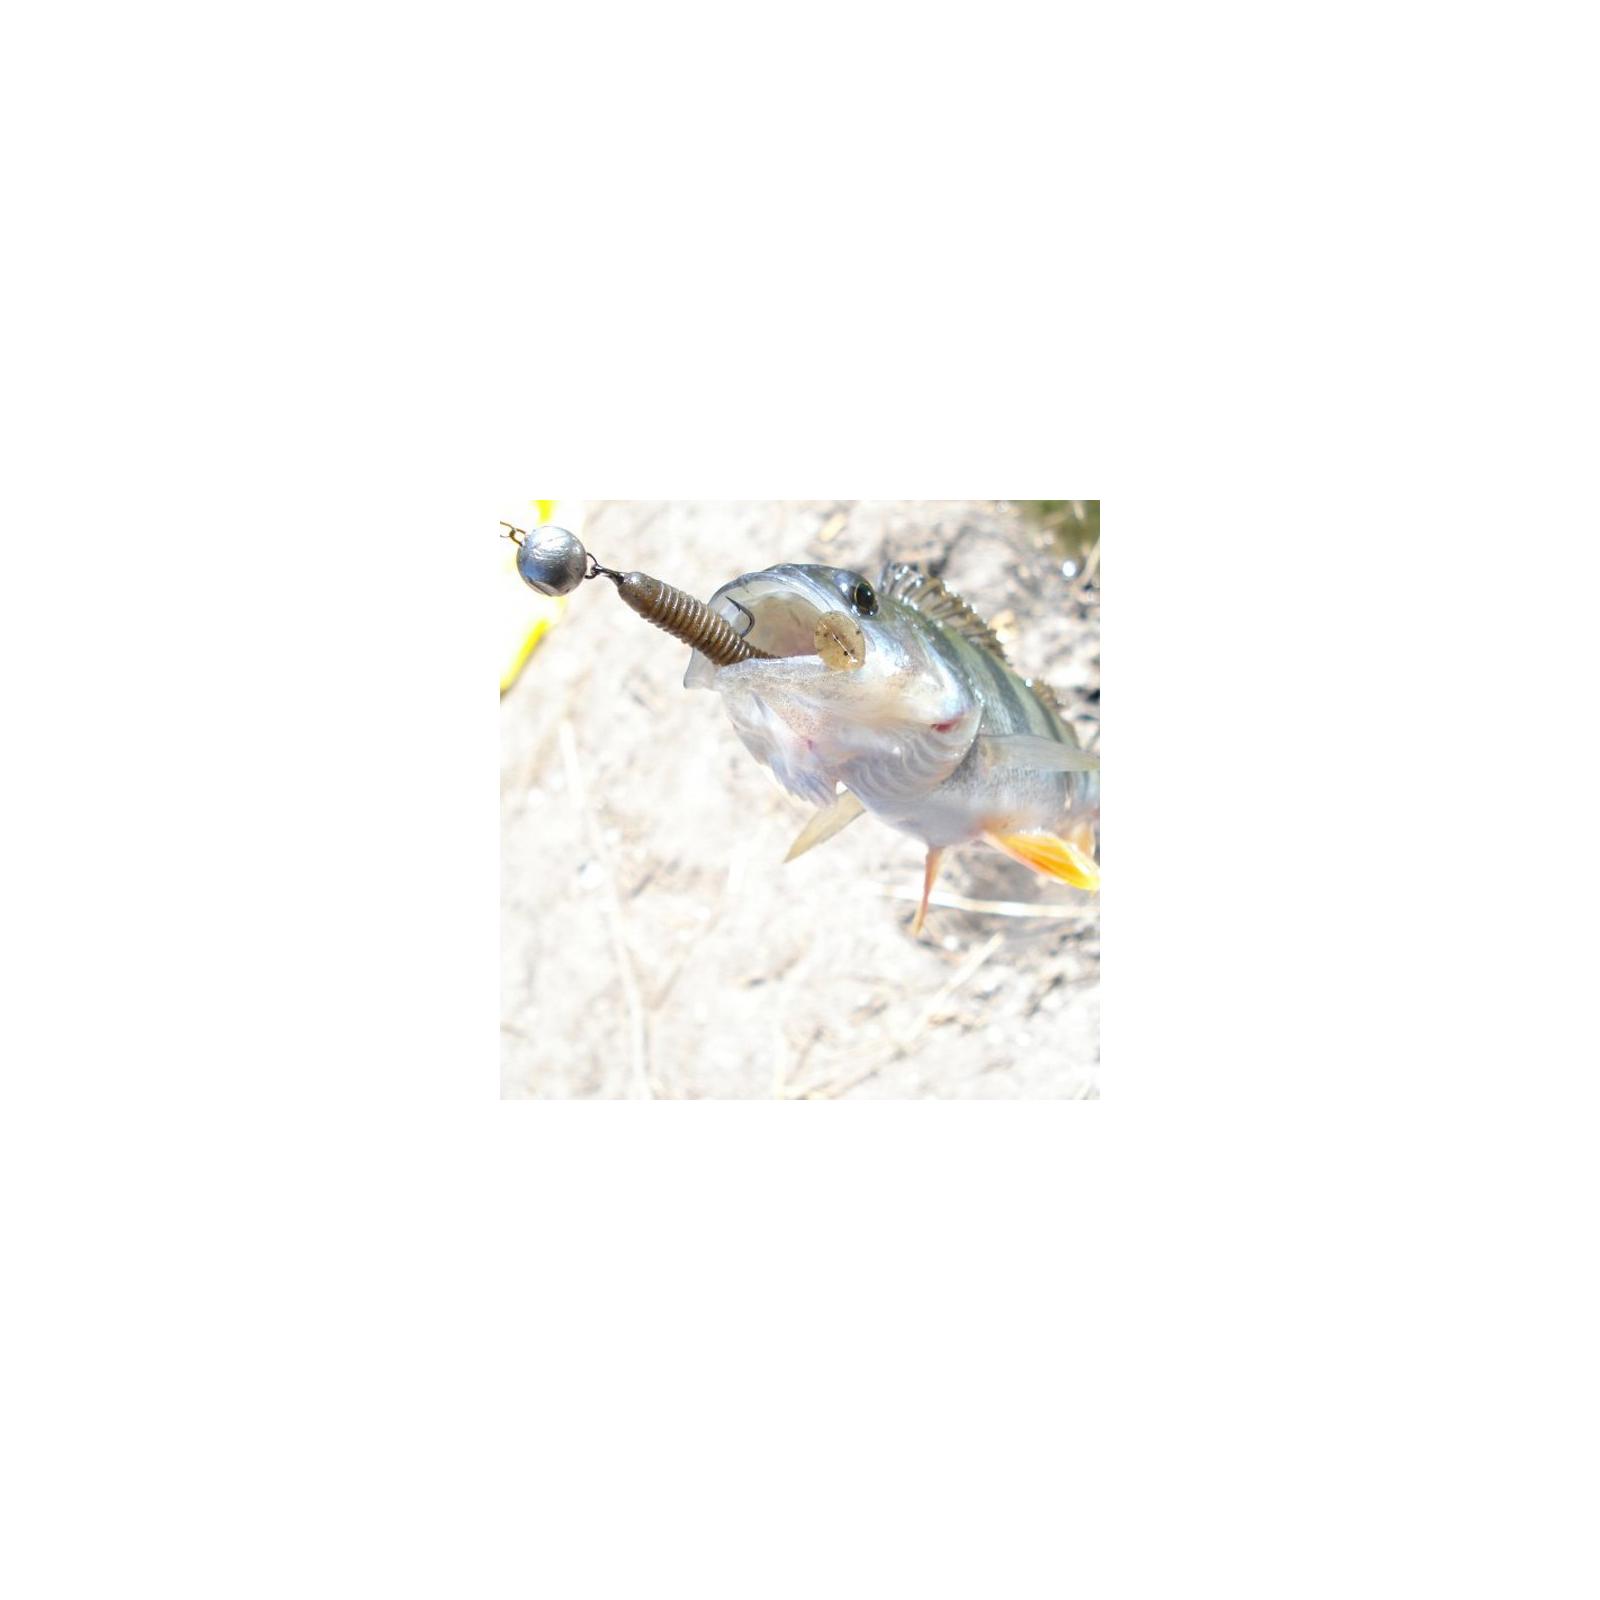 """Силикон рыболовный Keitech Swing Impact 2.5"""" (10 шт/упак) ц:pal#10 bumblebee (1551.06.63) изображение 2"""